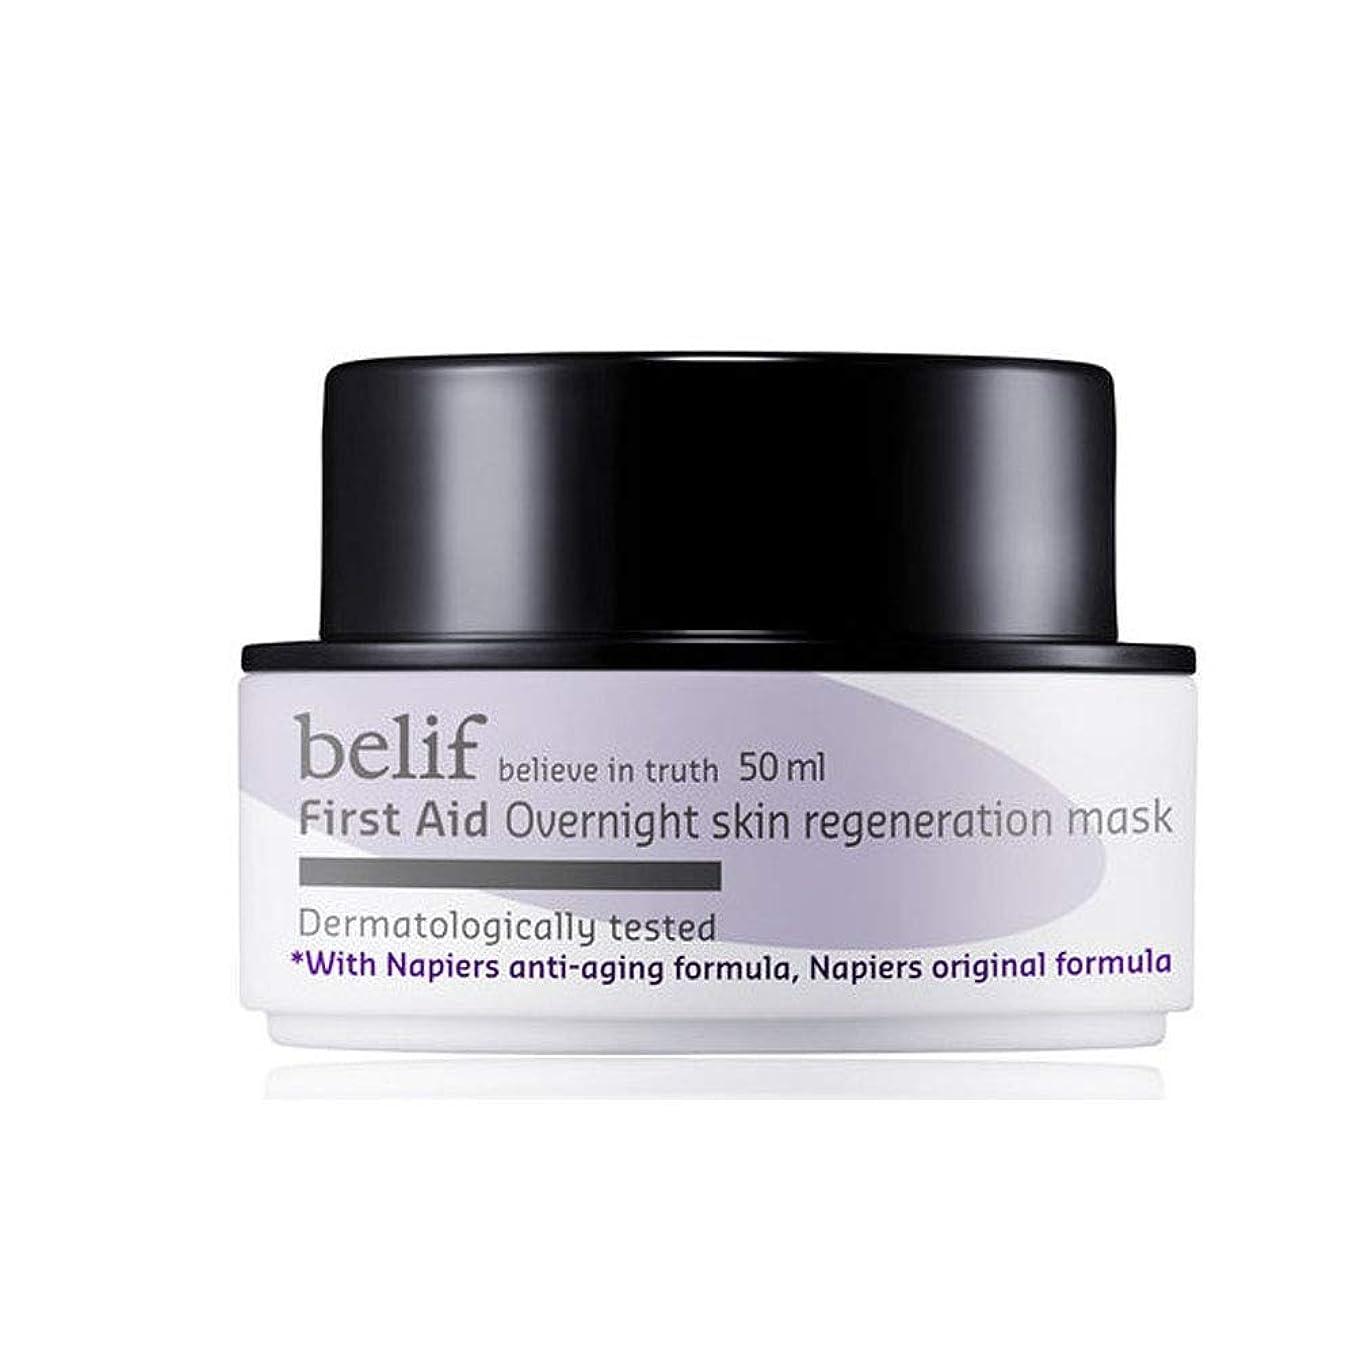 ゴネリル平和的レッドデートビリープファーストエイドオーバーナイトスキンリジェネレーションマスク50ml韓国コスメ、belif First Aid Overnight Skin Regeneration Mask 50ml Korean Cosmetics [並行輸入品]